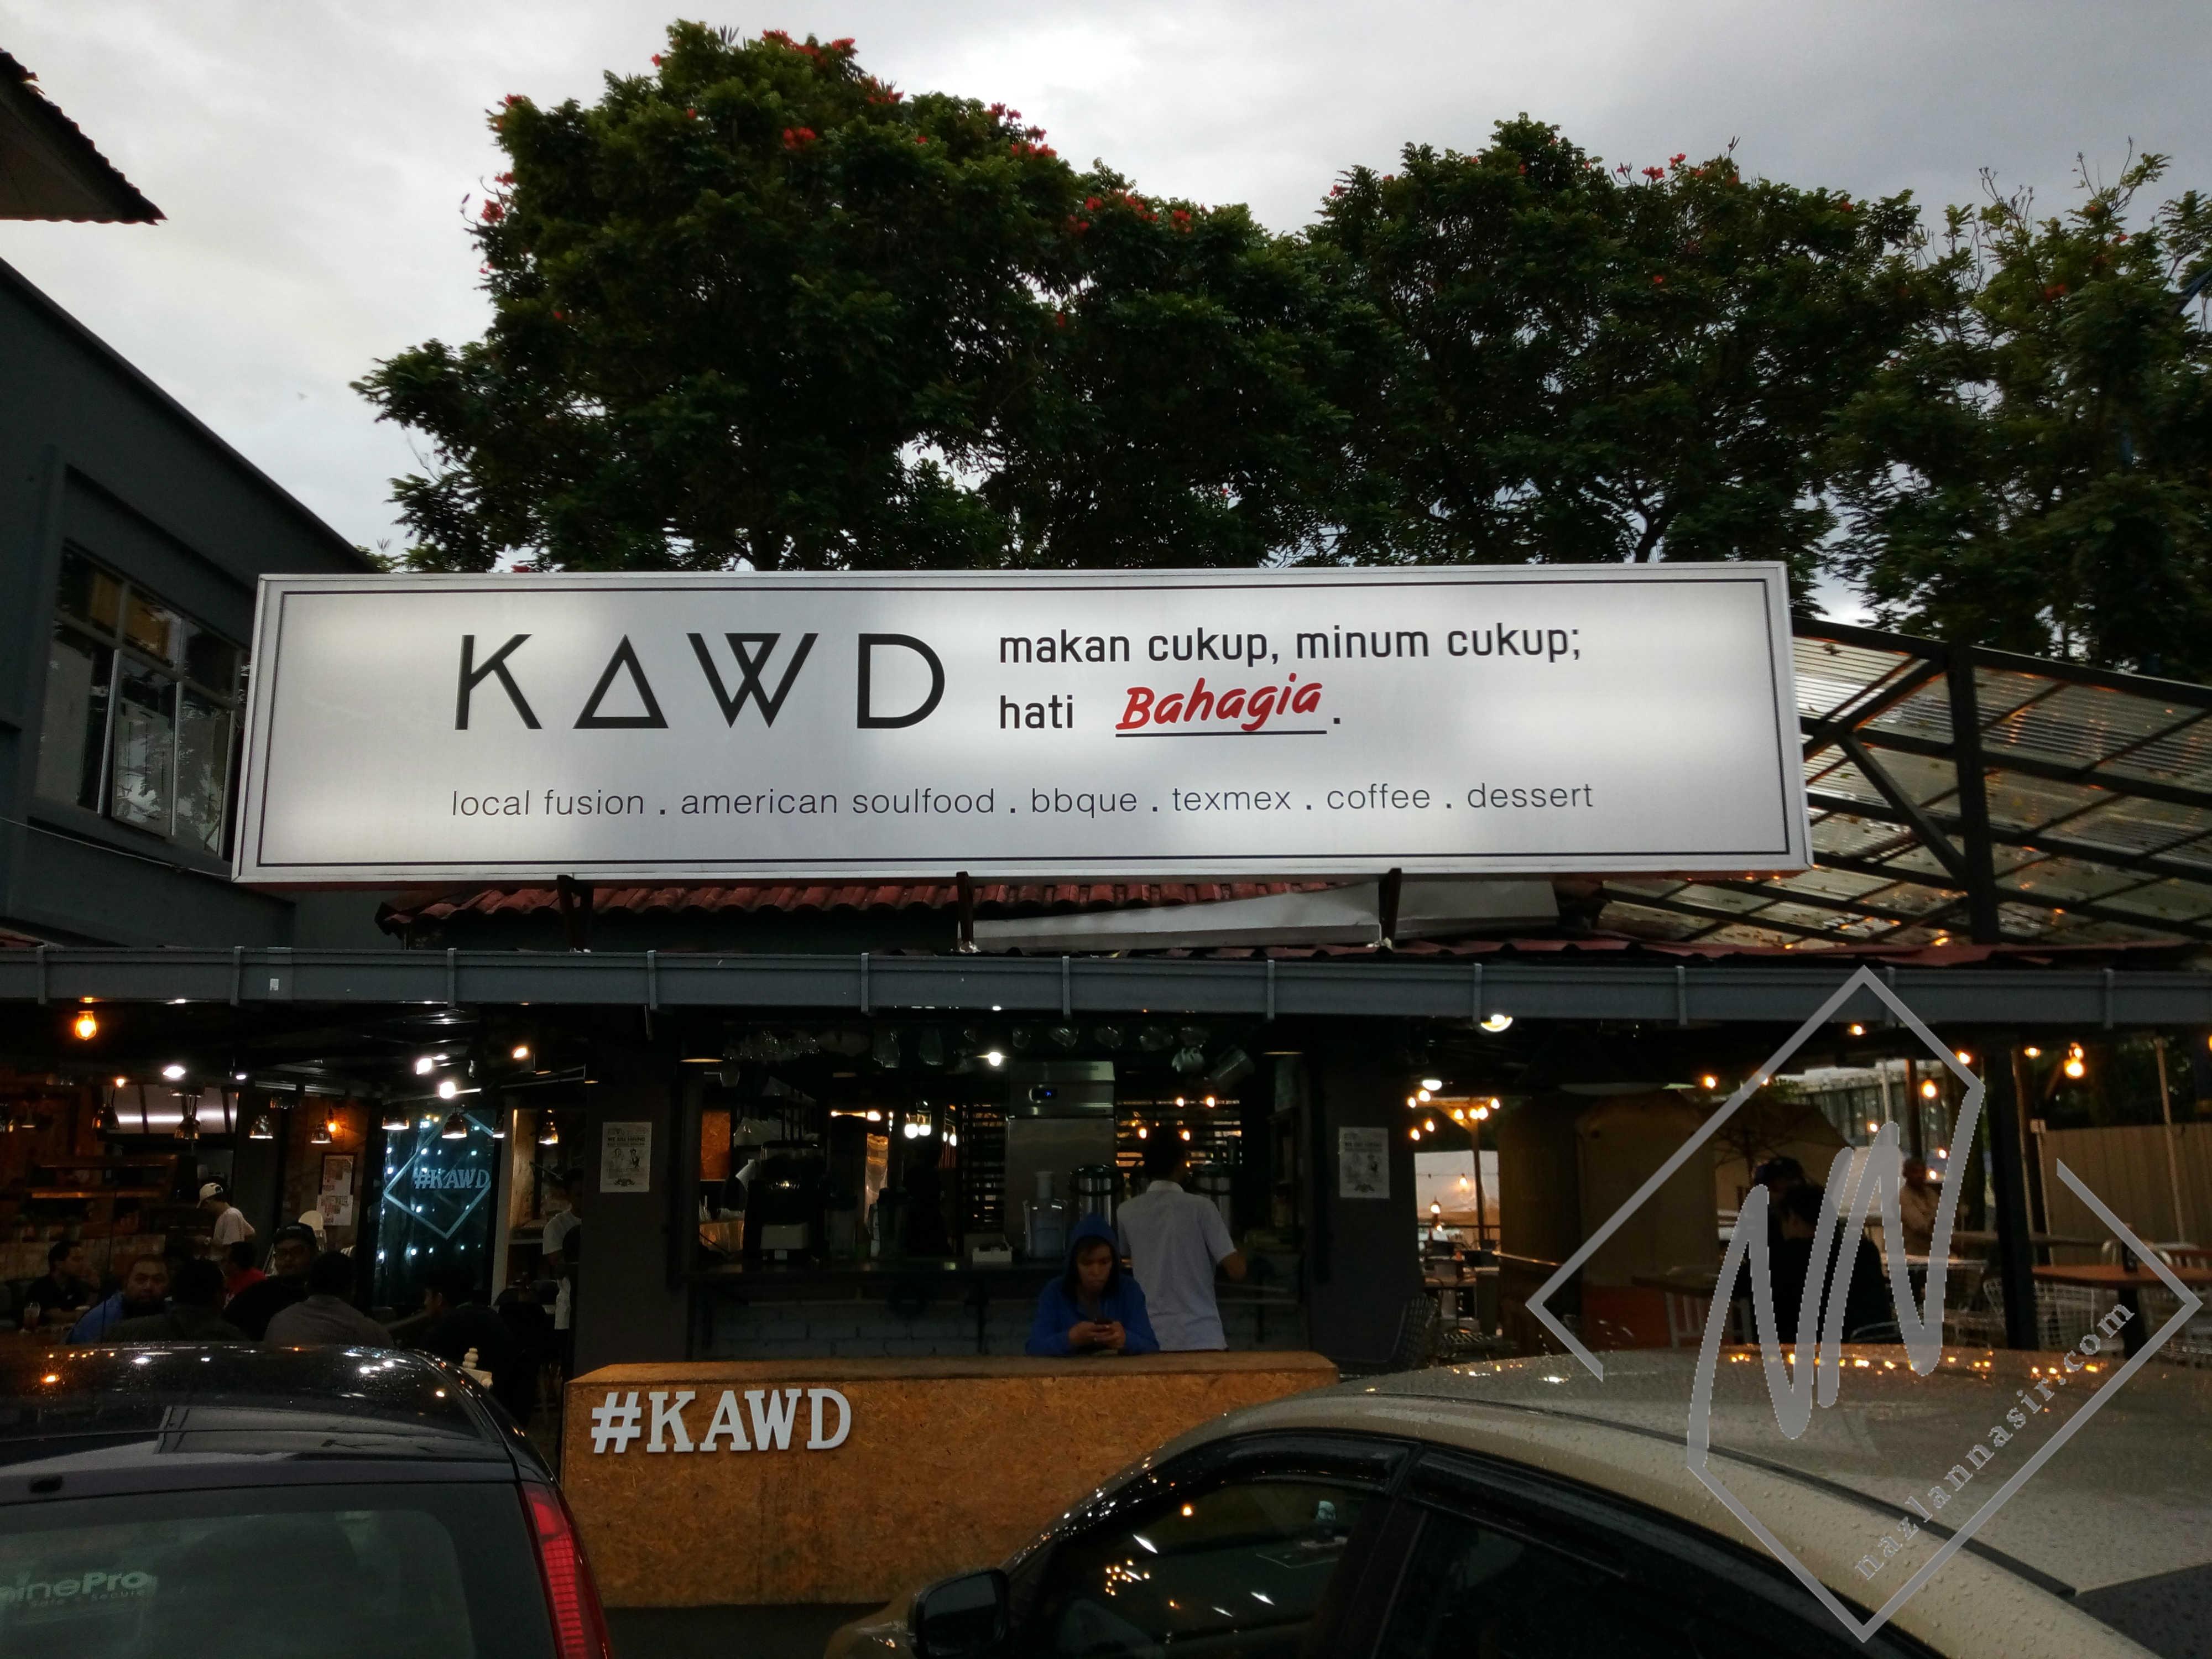 Slogan KAWD